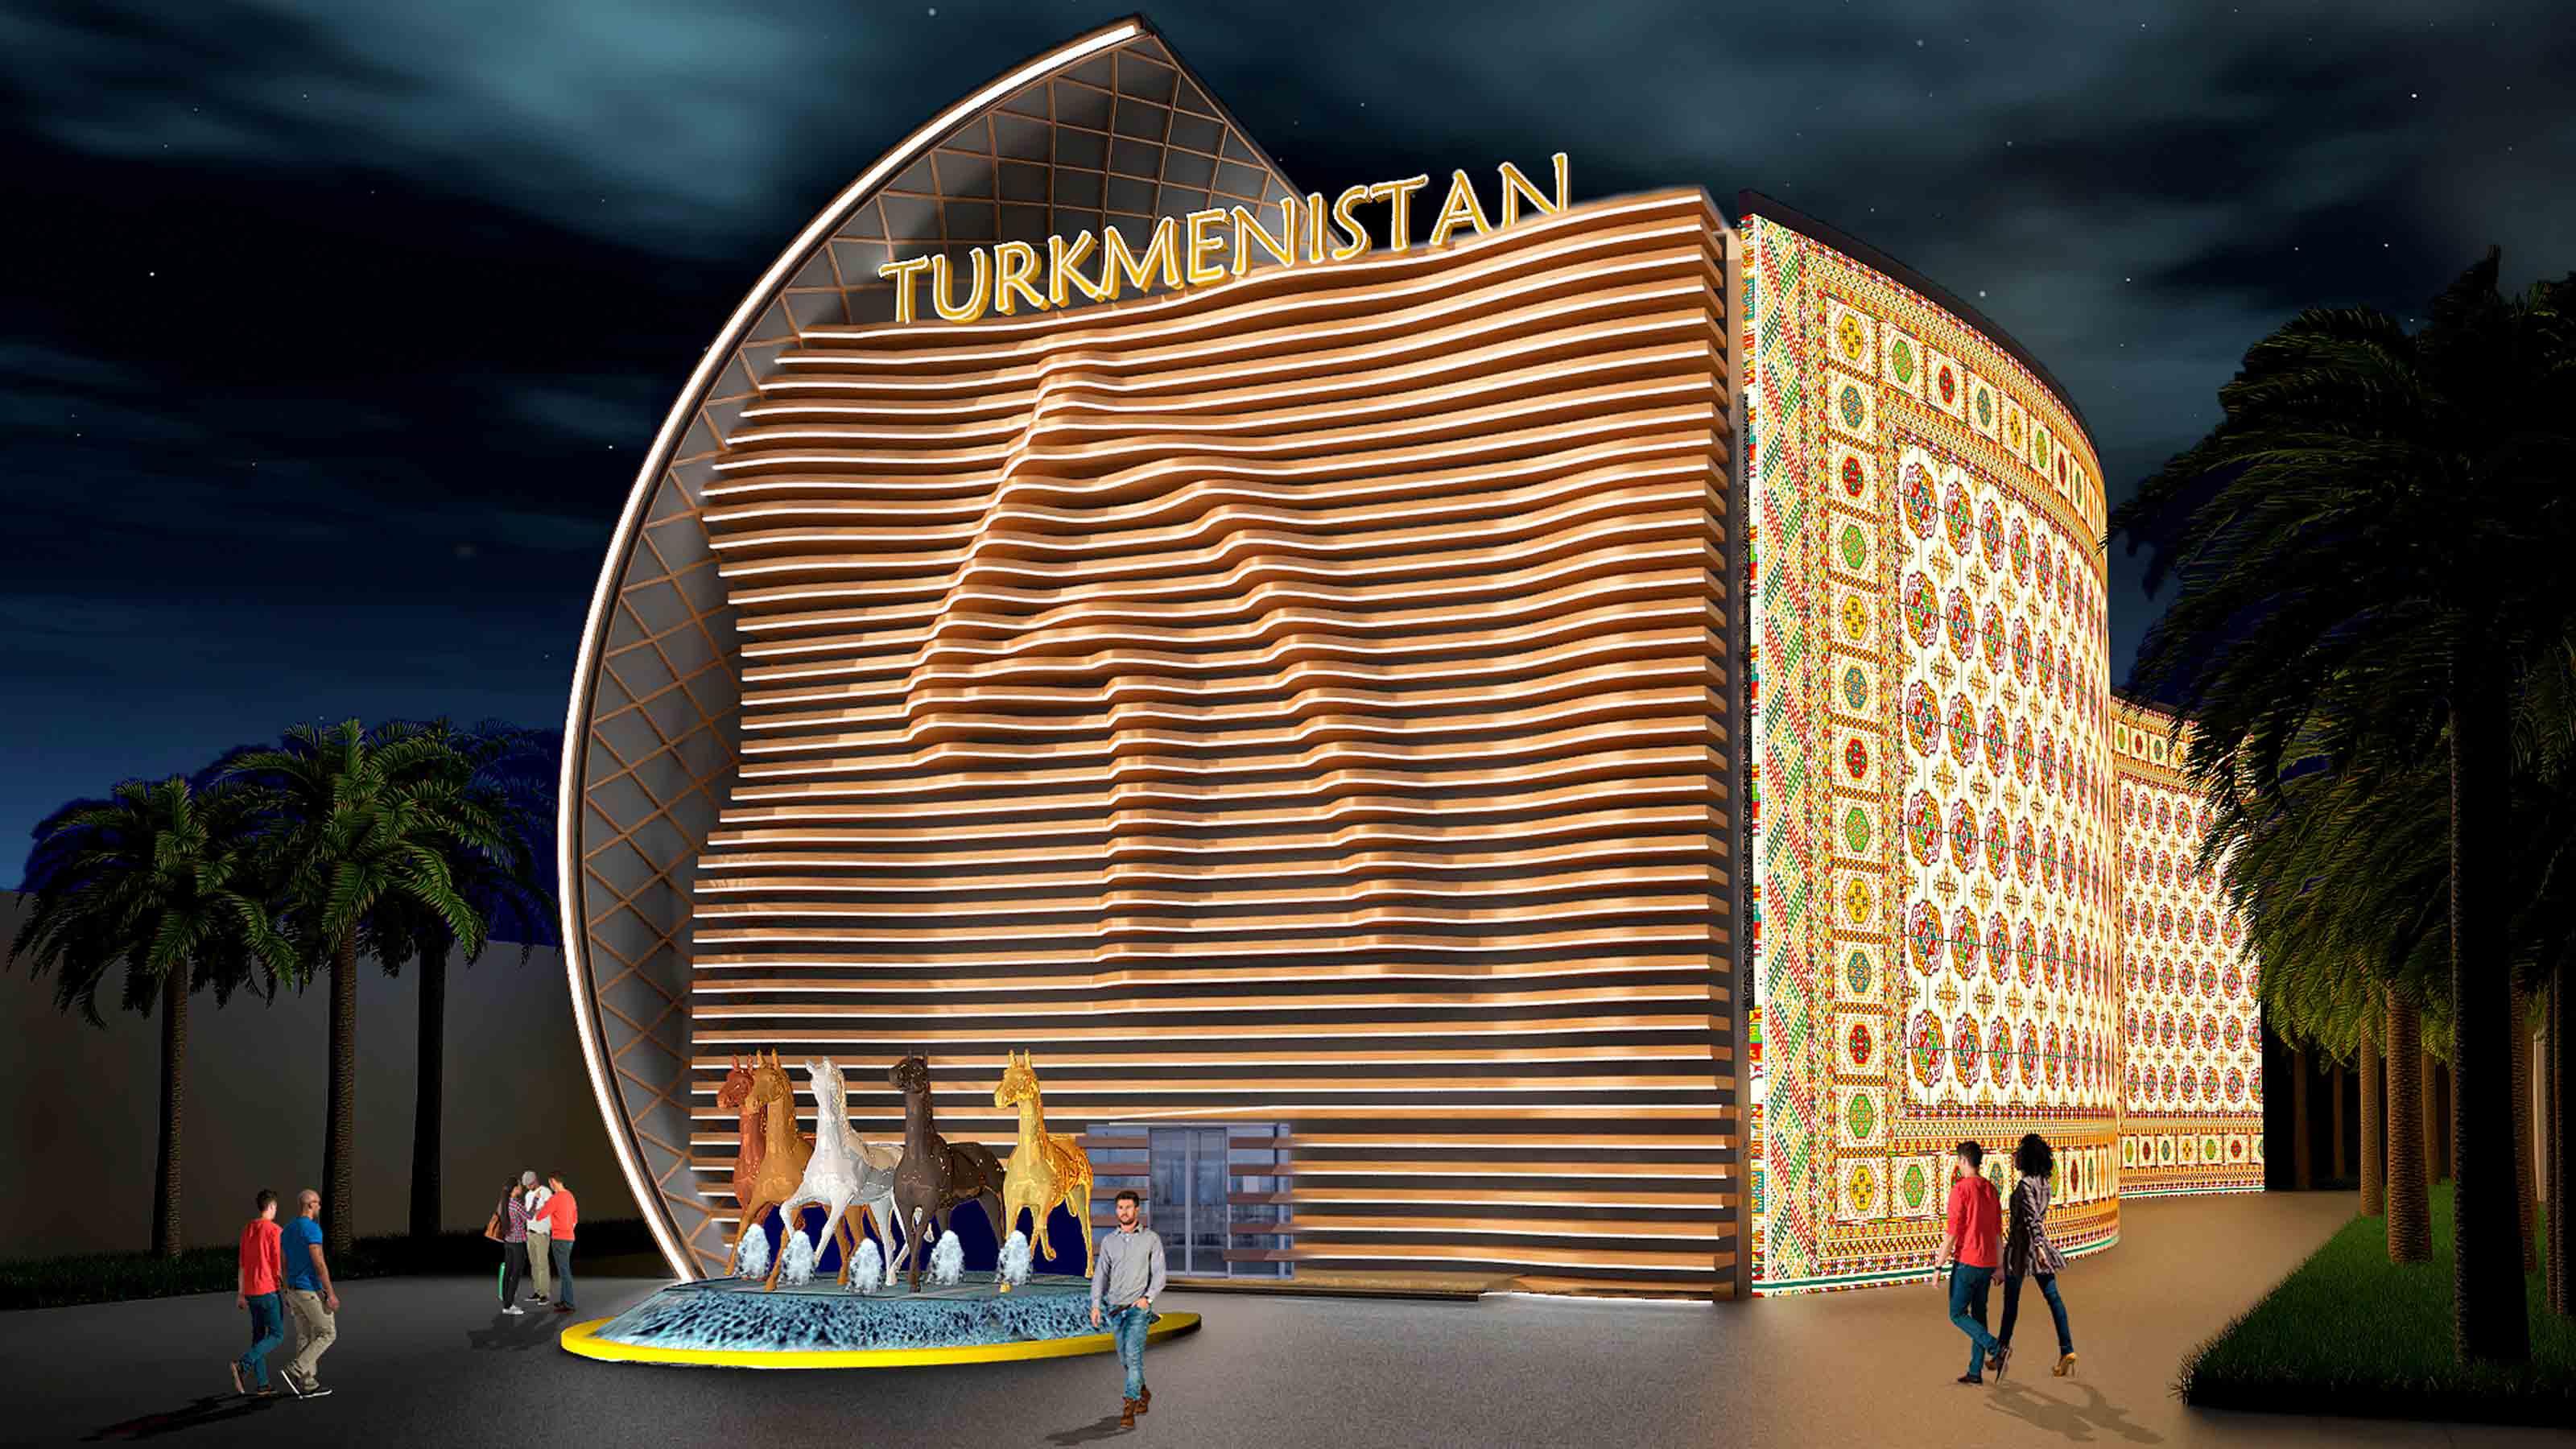 Turkmenistan Pavilion Expo 2020 Dubai - Exhibition Pavilion